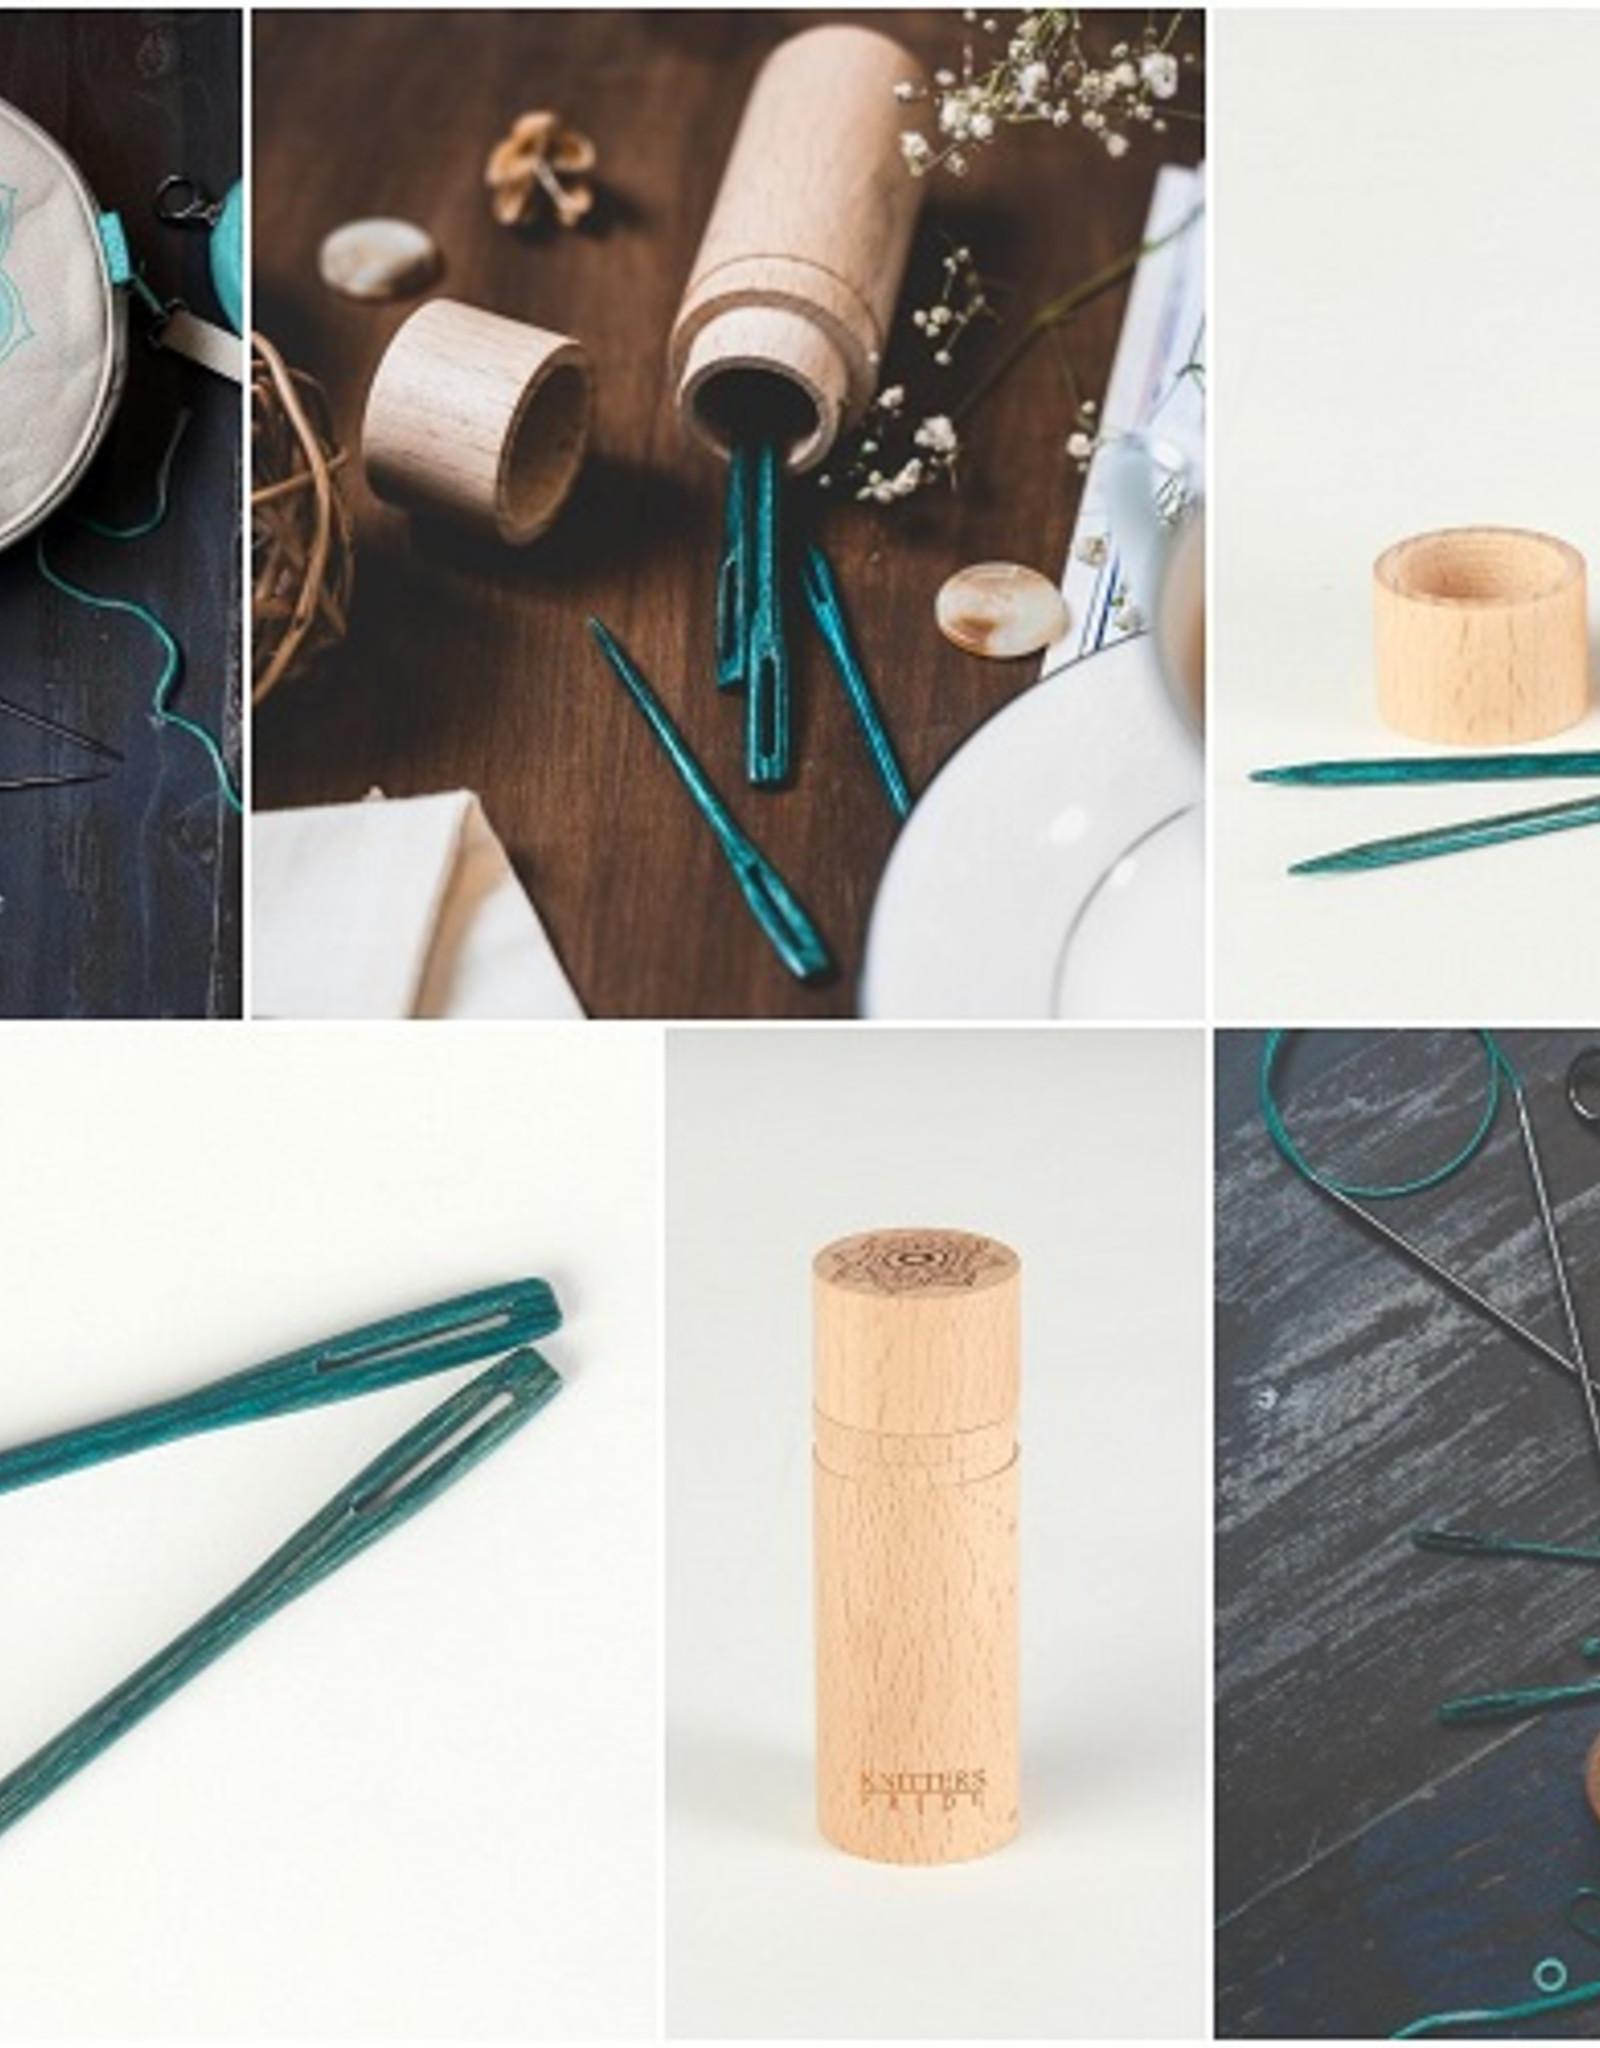 Knitters Pride Wood Darning Needles - Teal